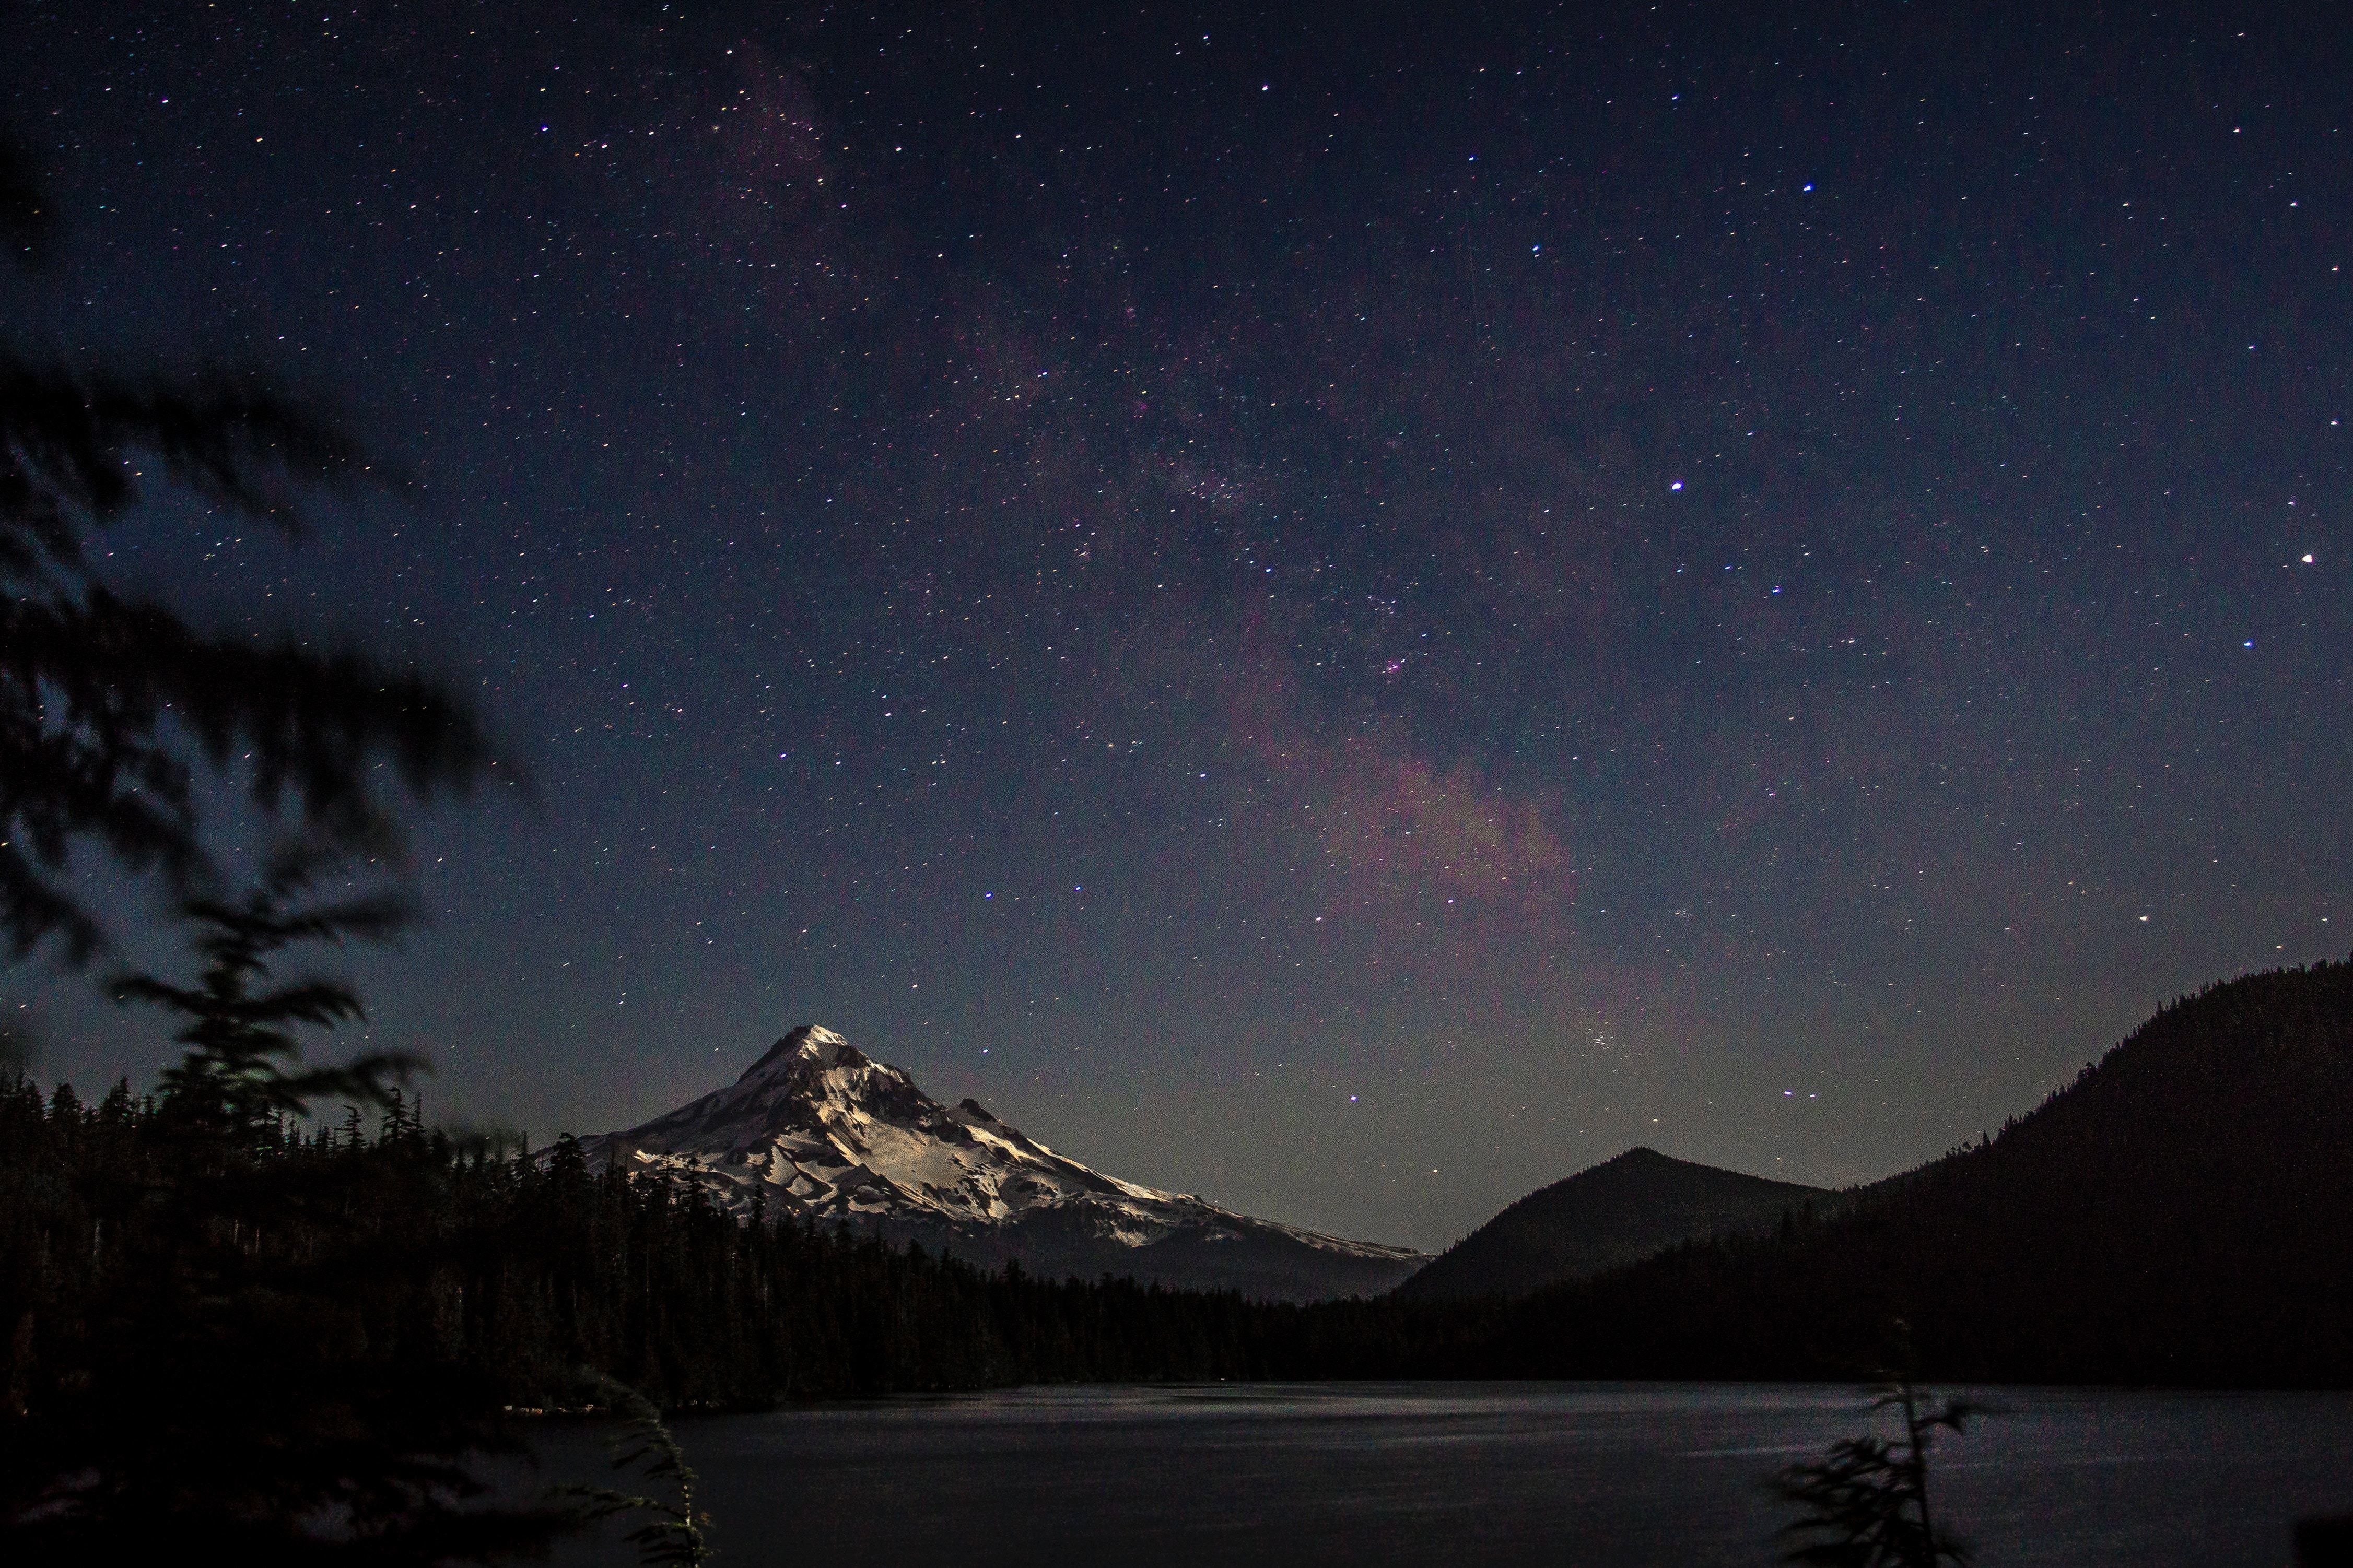 的如_漂亮的银河,最后一张 牛郎织女来相会